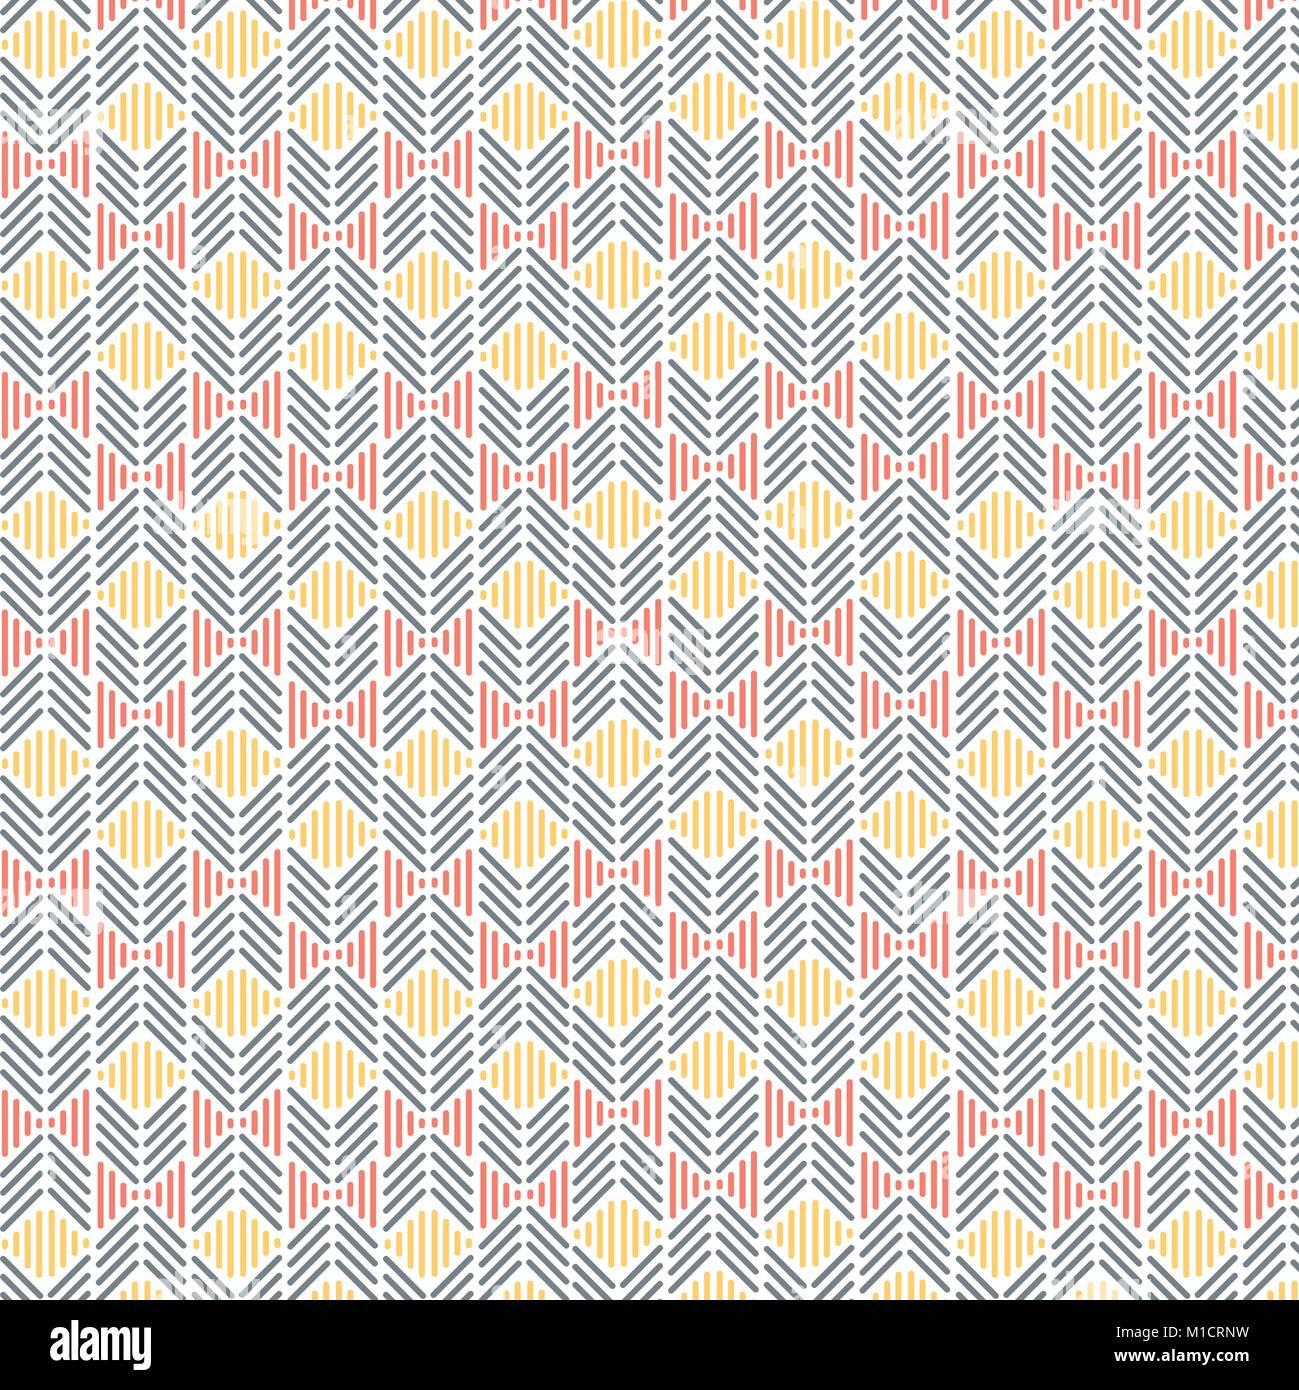 Lignes abstraites texture seamless vector pattern géométrique Illustration de Vecteur